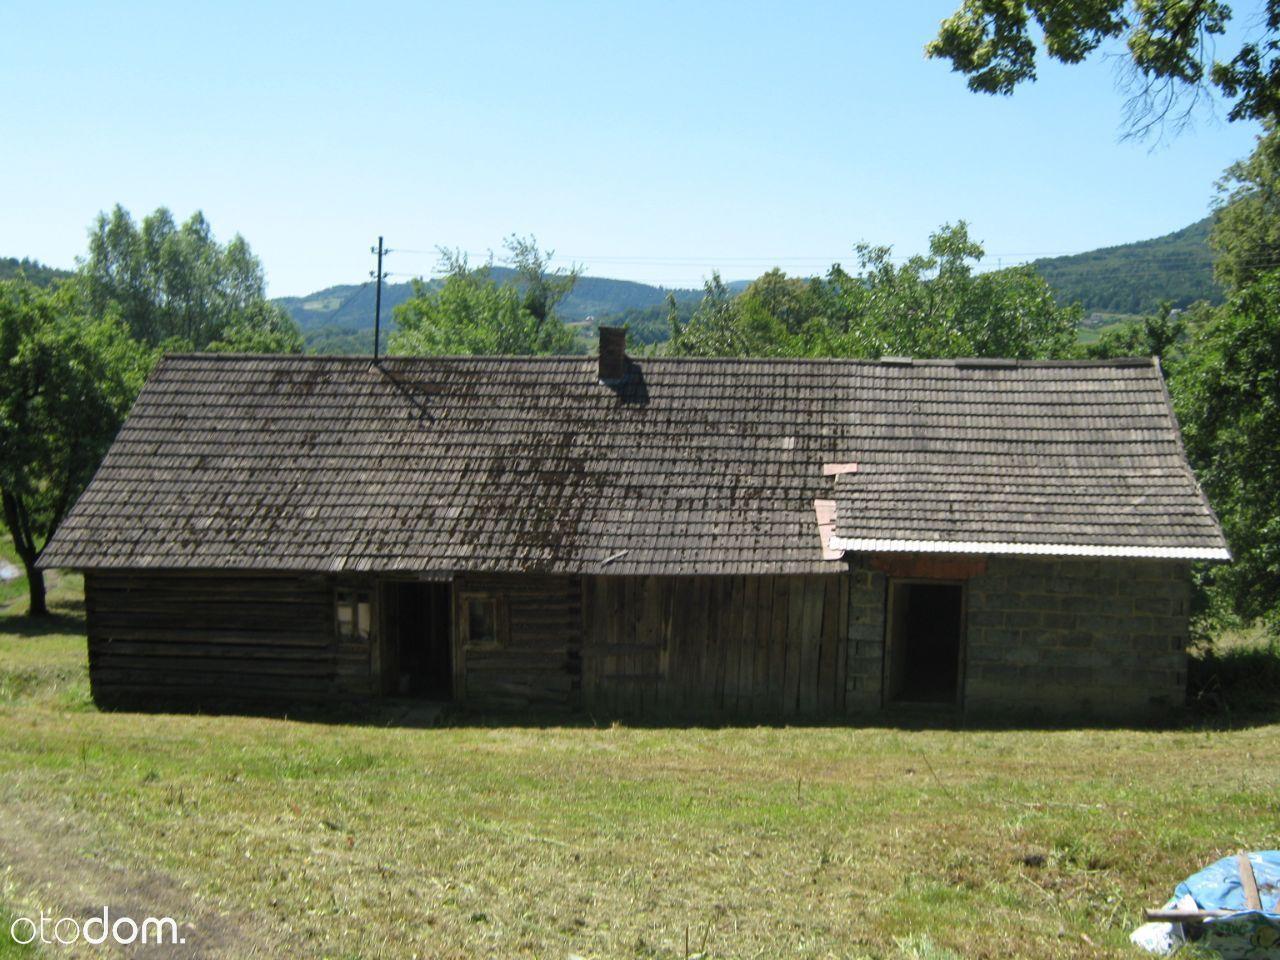 Dom drewniany w górach z dużą działką